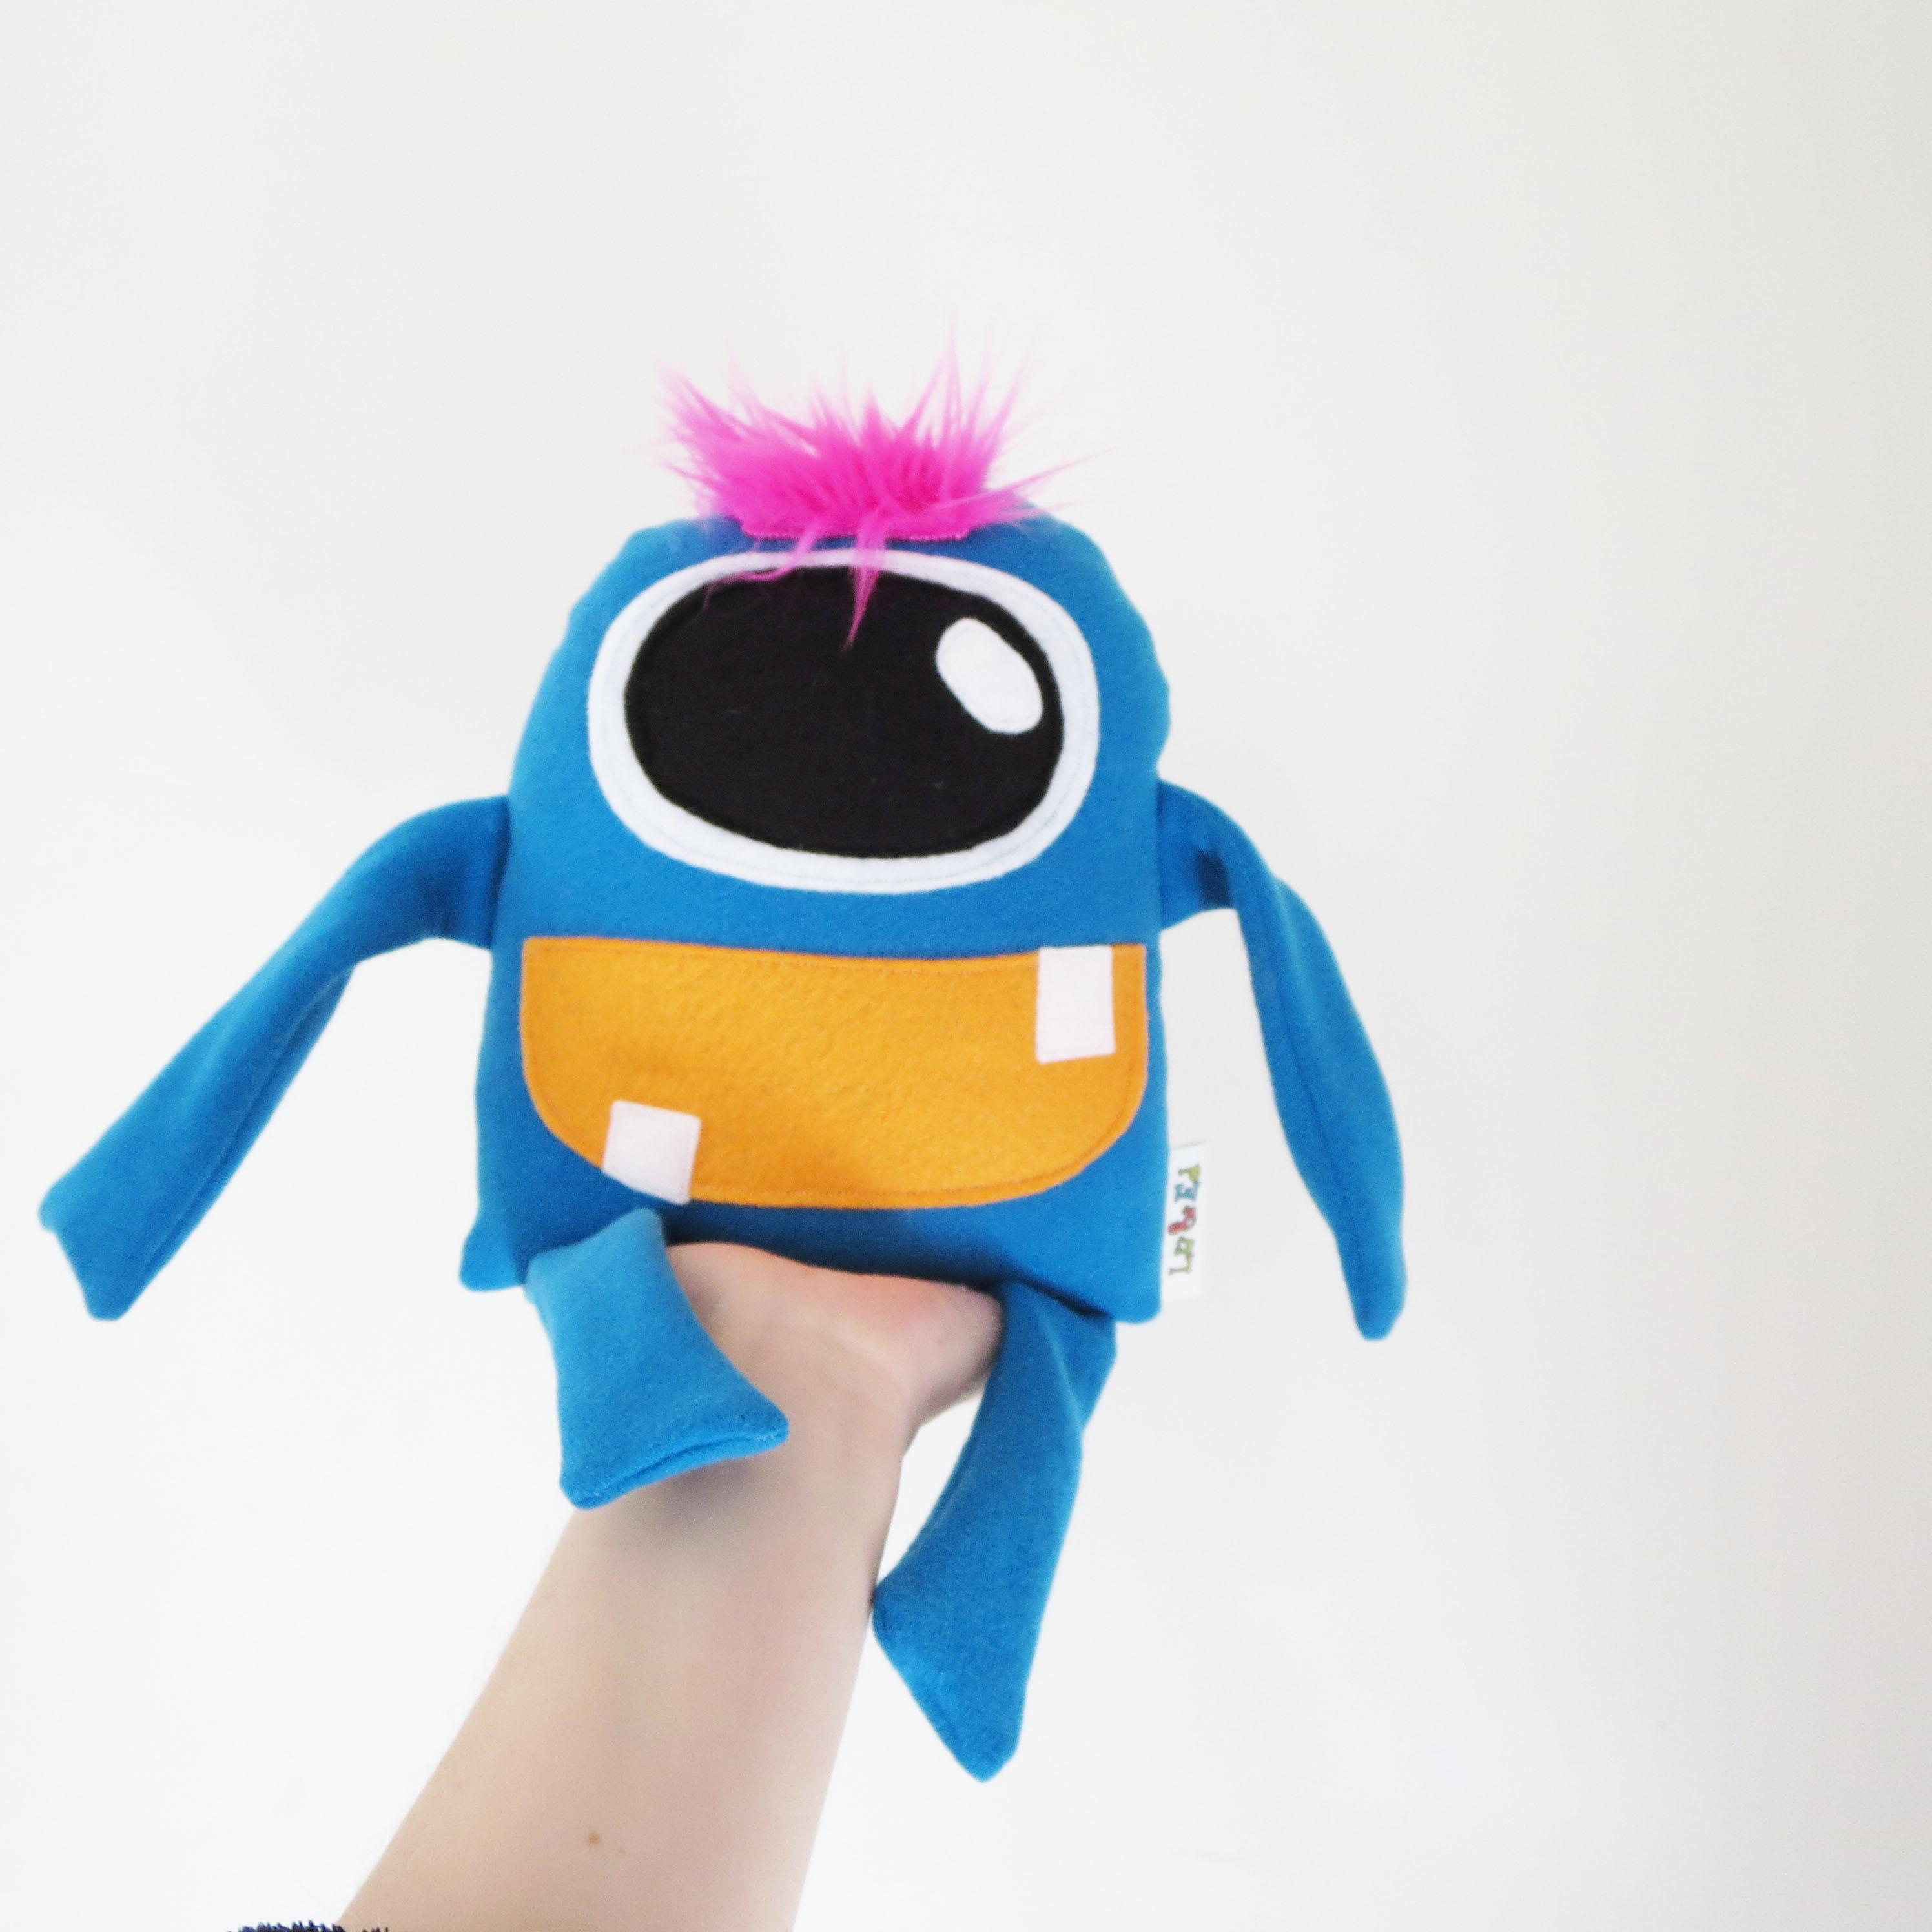 Monster Toys For Boys : Monday morning monster round up lu ed